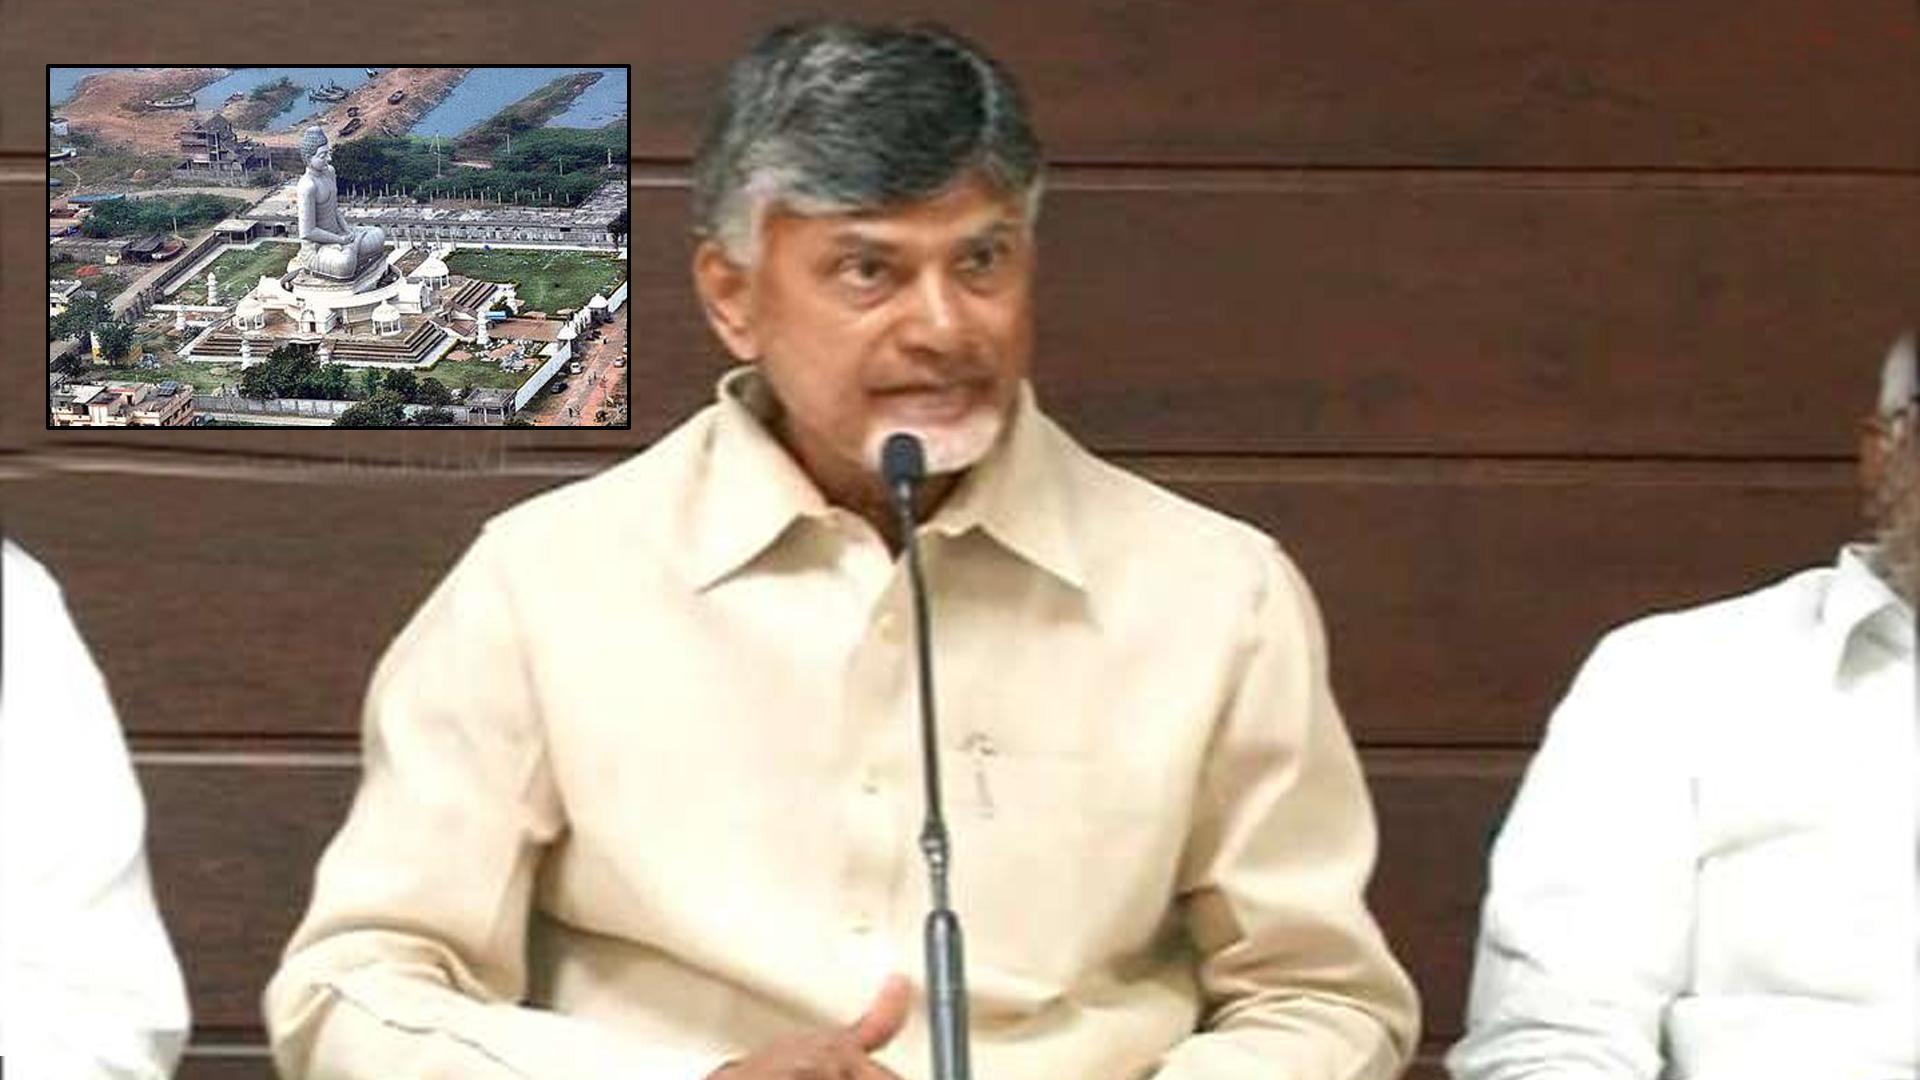 జగన్ వల్లే  ప్రపంచ బ్యాంకు నిధులు ఇవ్వలేదన్న చంద్రబాబు || Oneindia Telugu